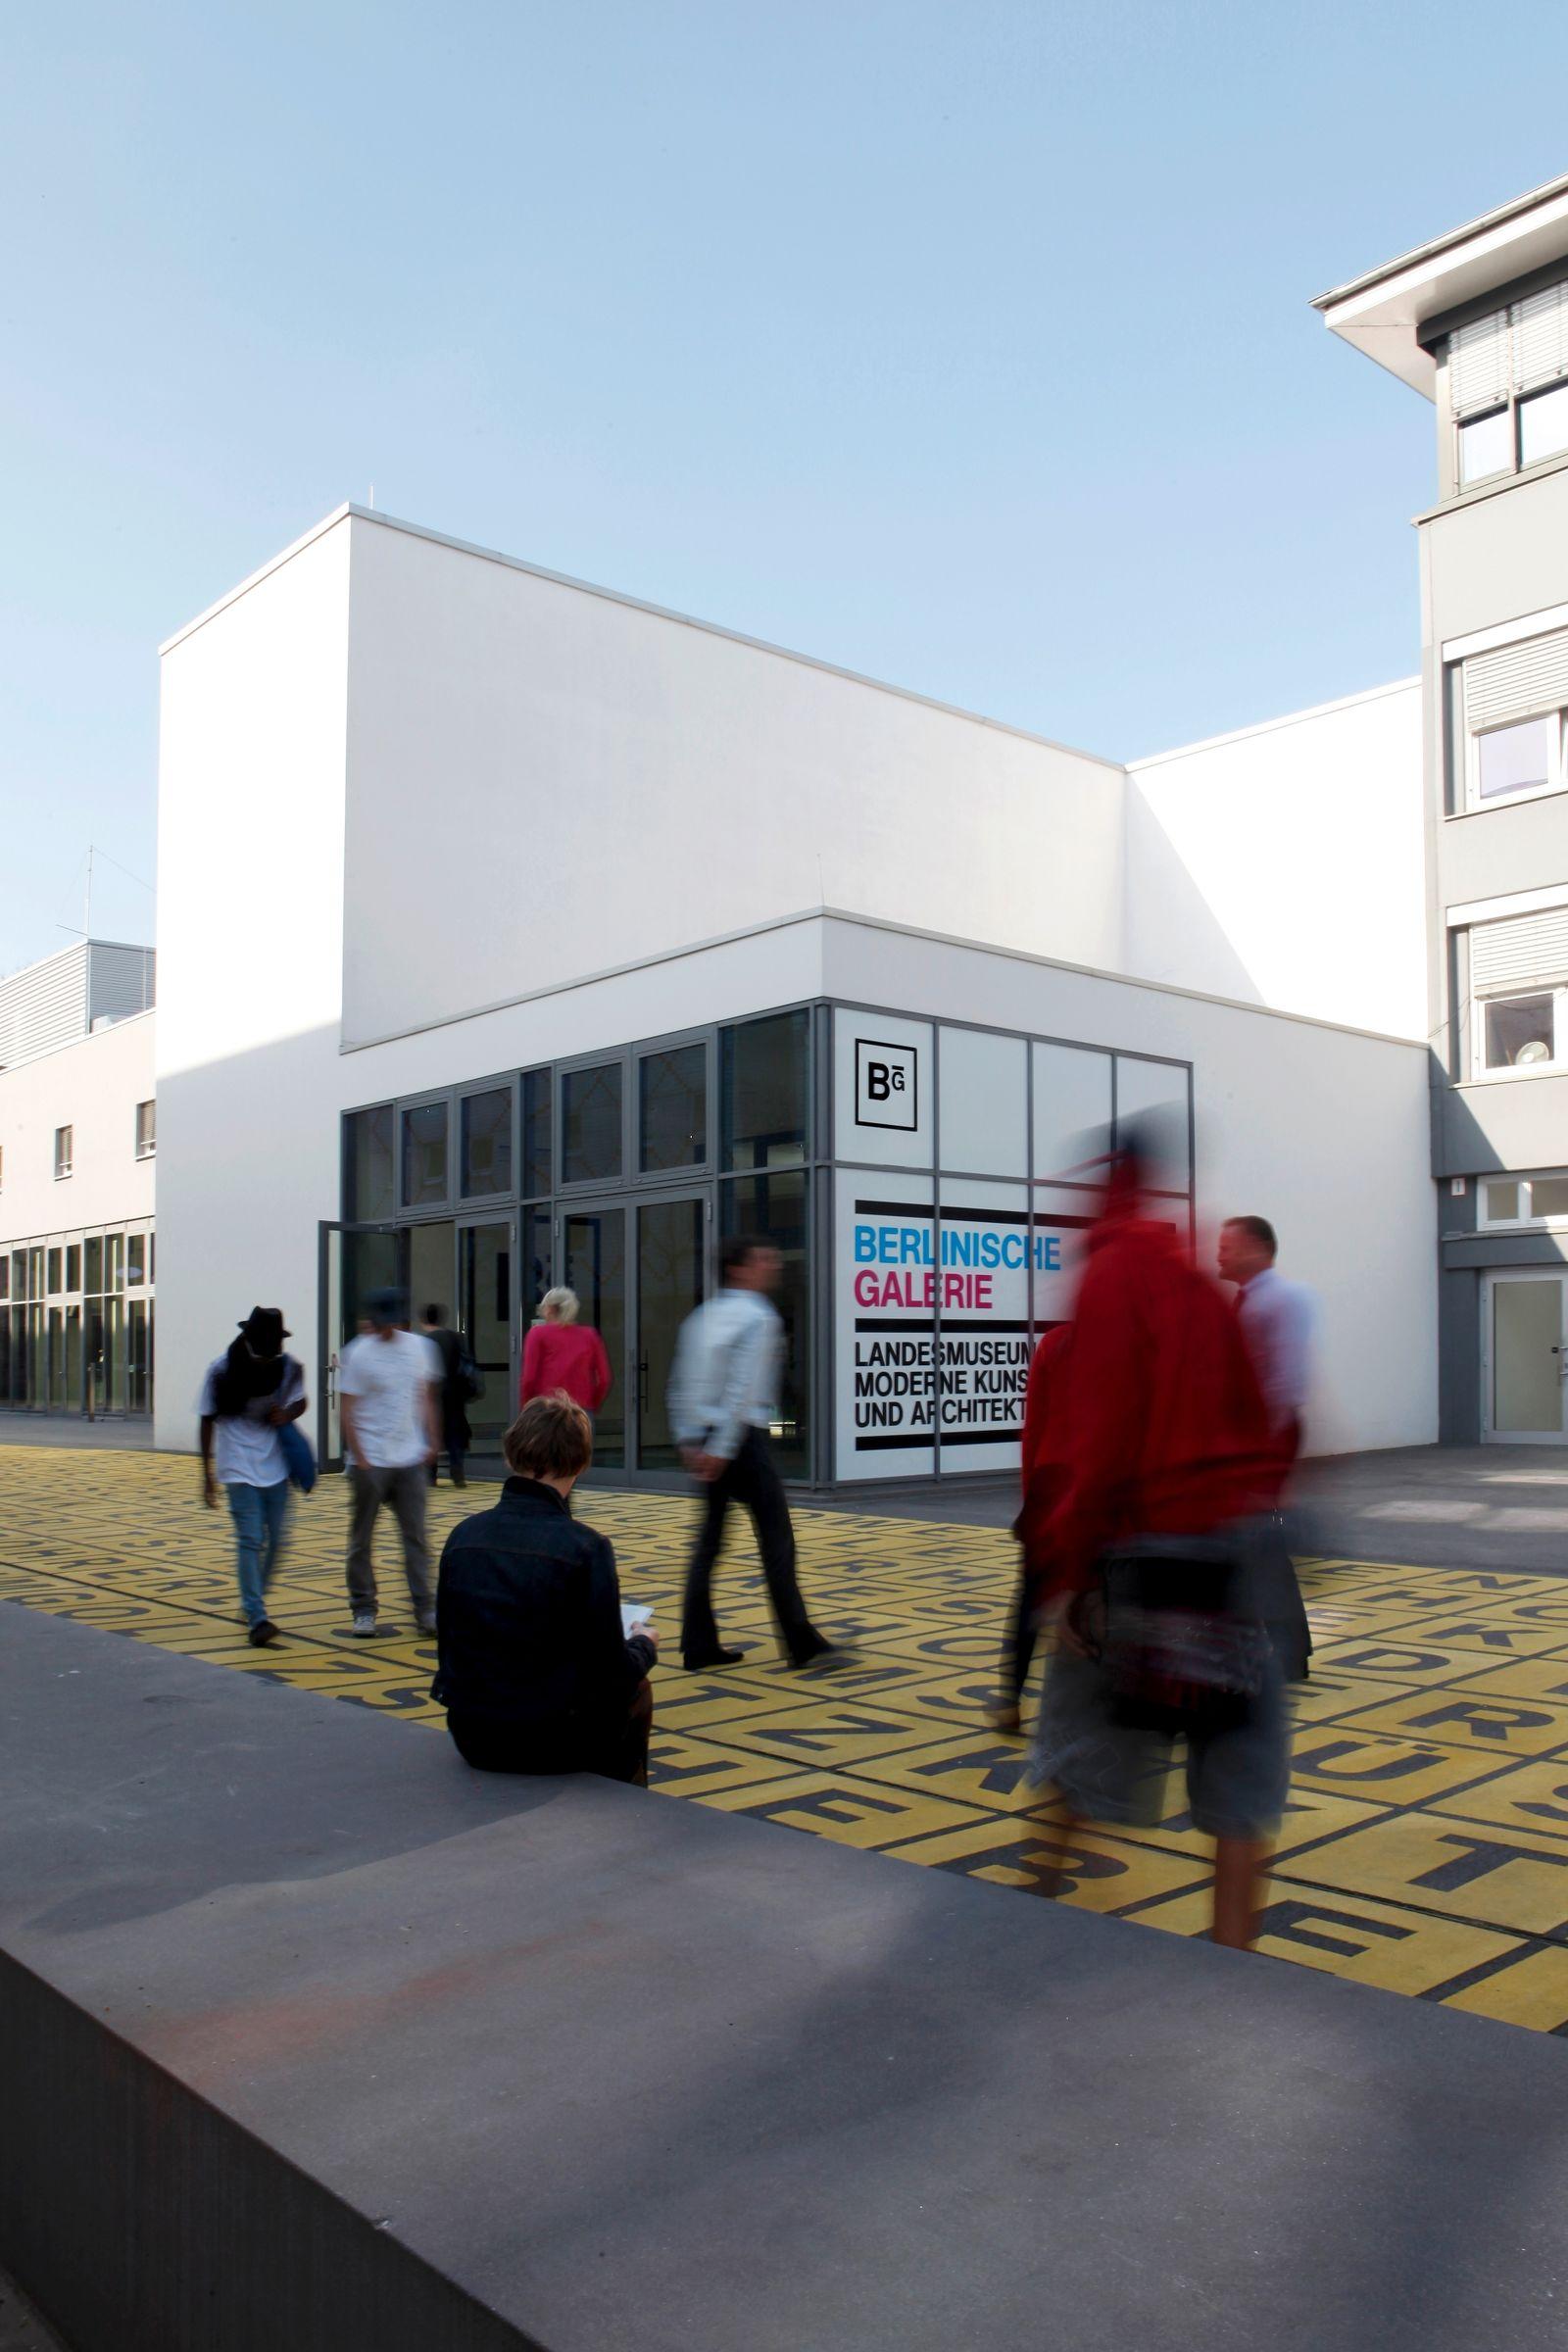 anh die anh hausbesitz ist firmenmitglied im f rderverein der berlinischen galerie. Black Bedroom Furniture Sets. Home Design Ideas